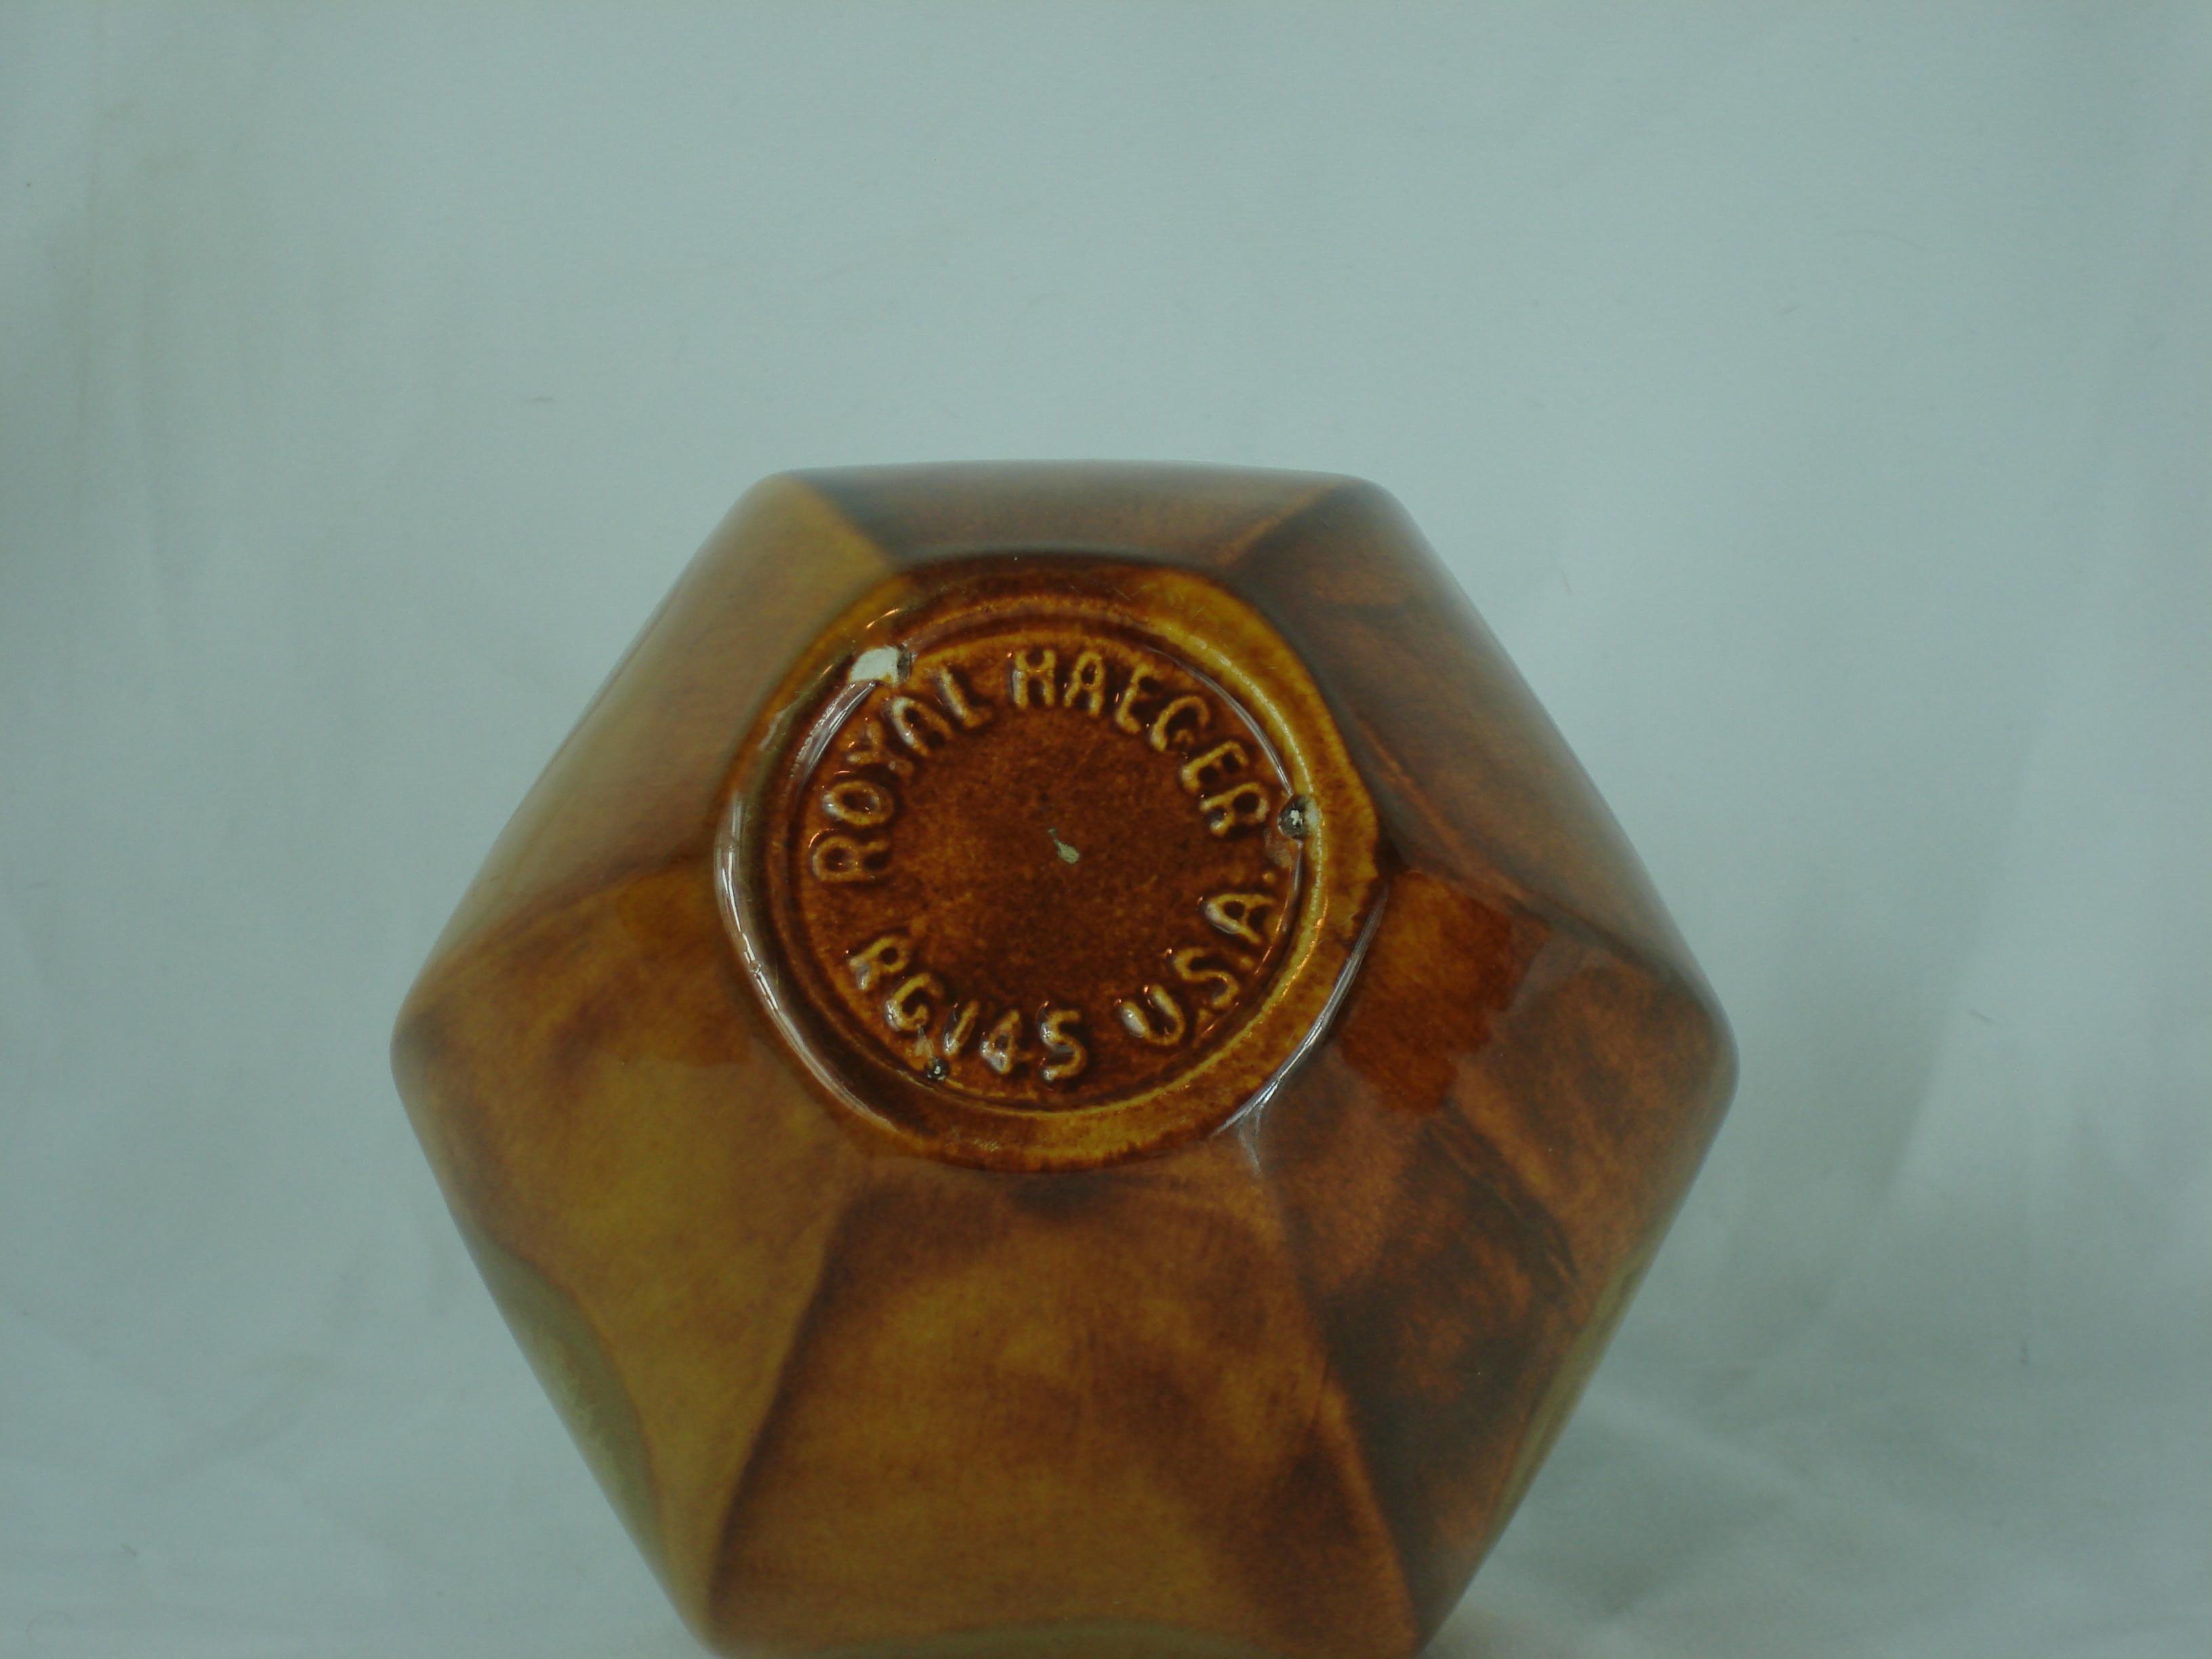 Vintage royal haeger vase for sale antiques classifieds vintage royal haeger vase for sale reviewsmspy